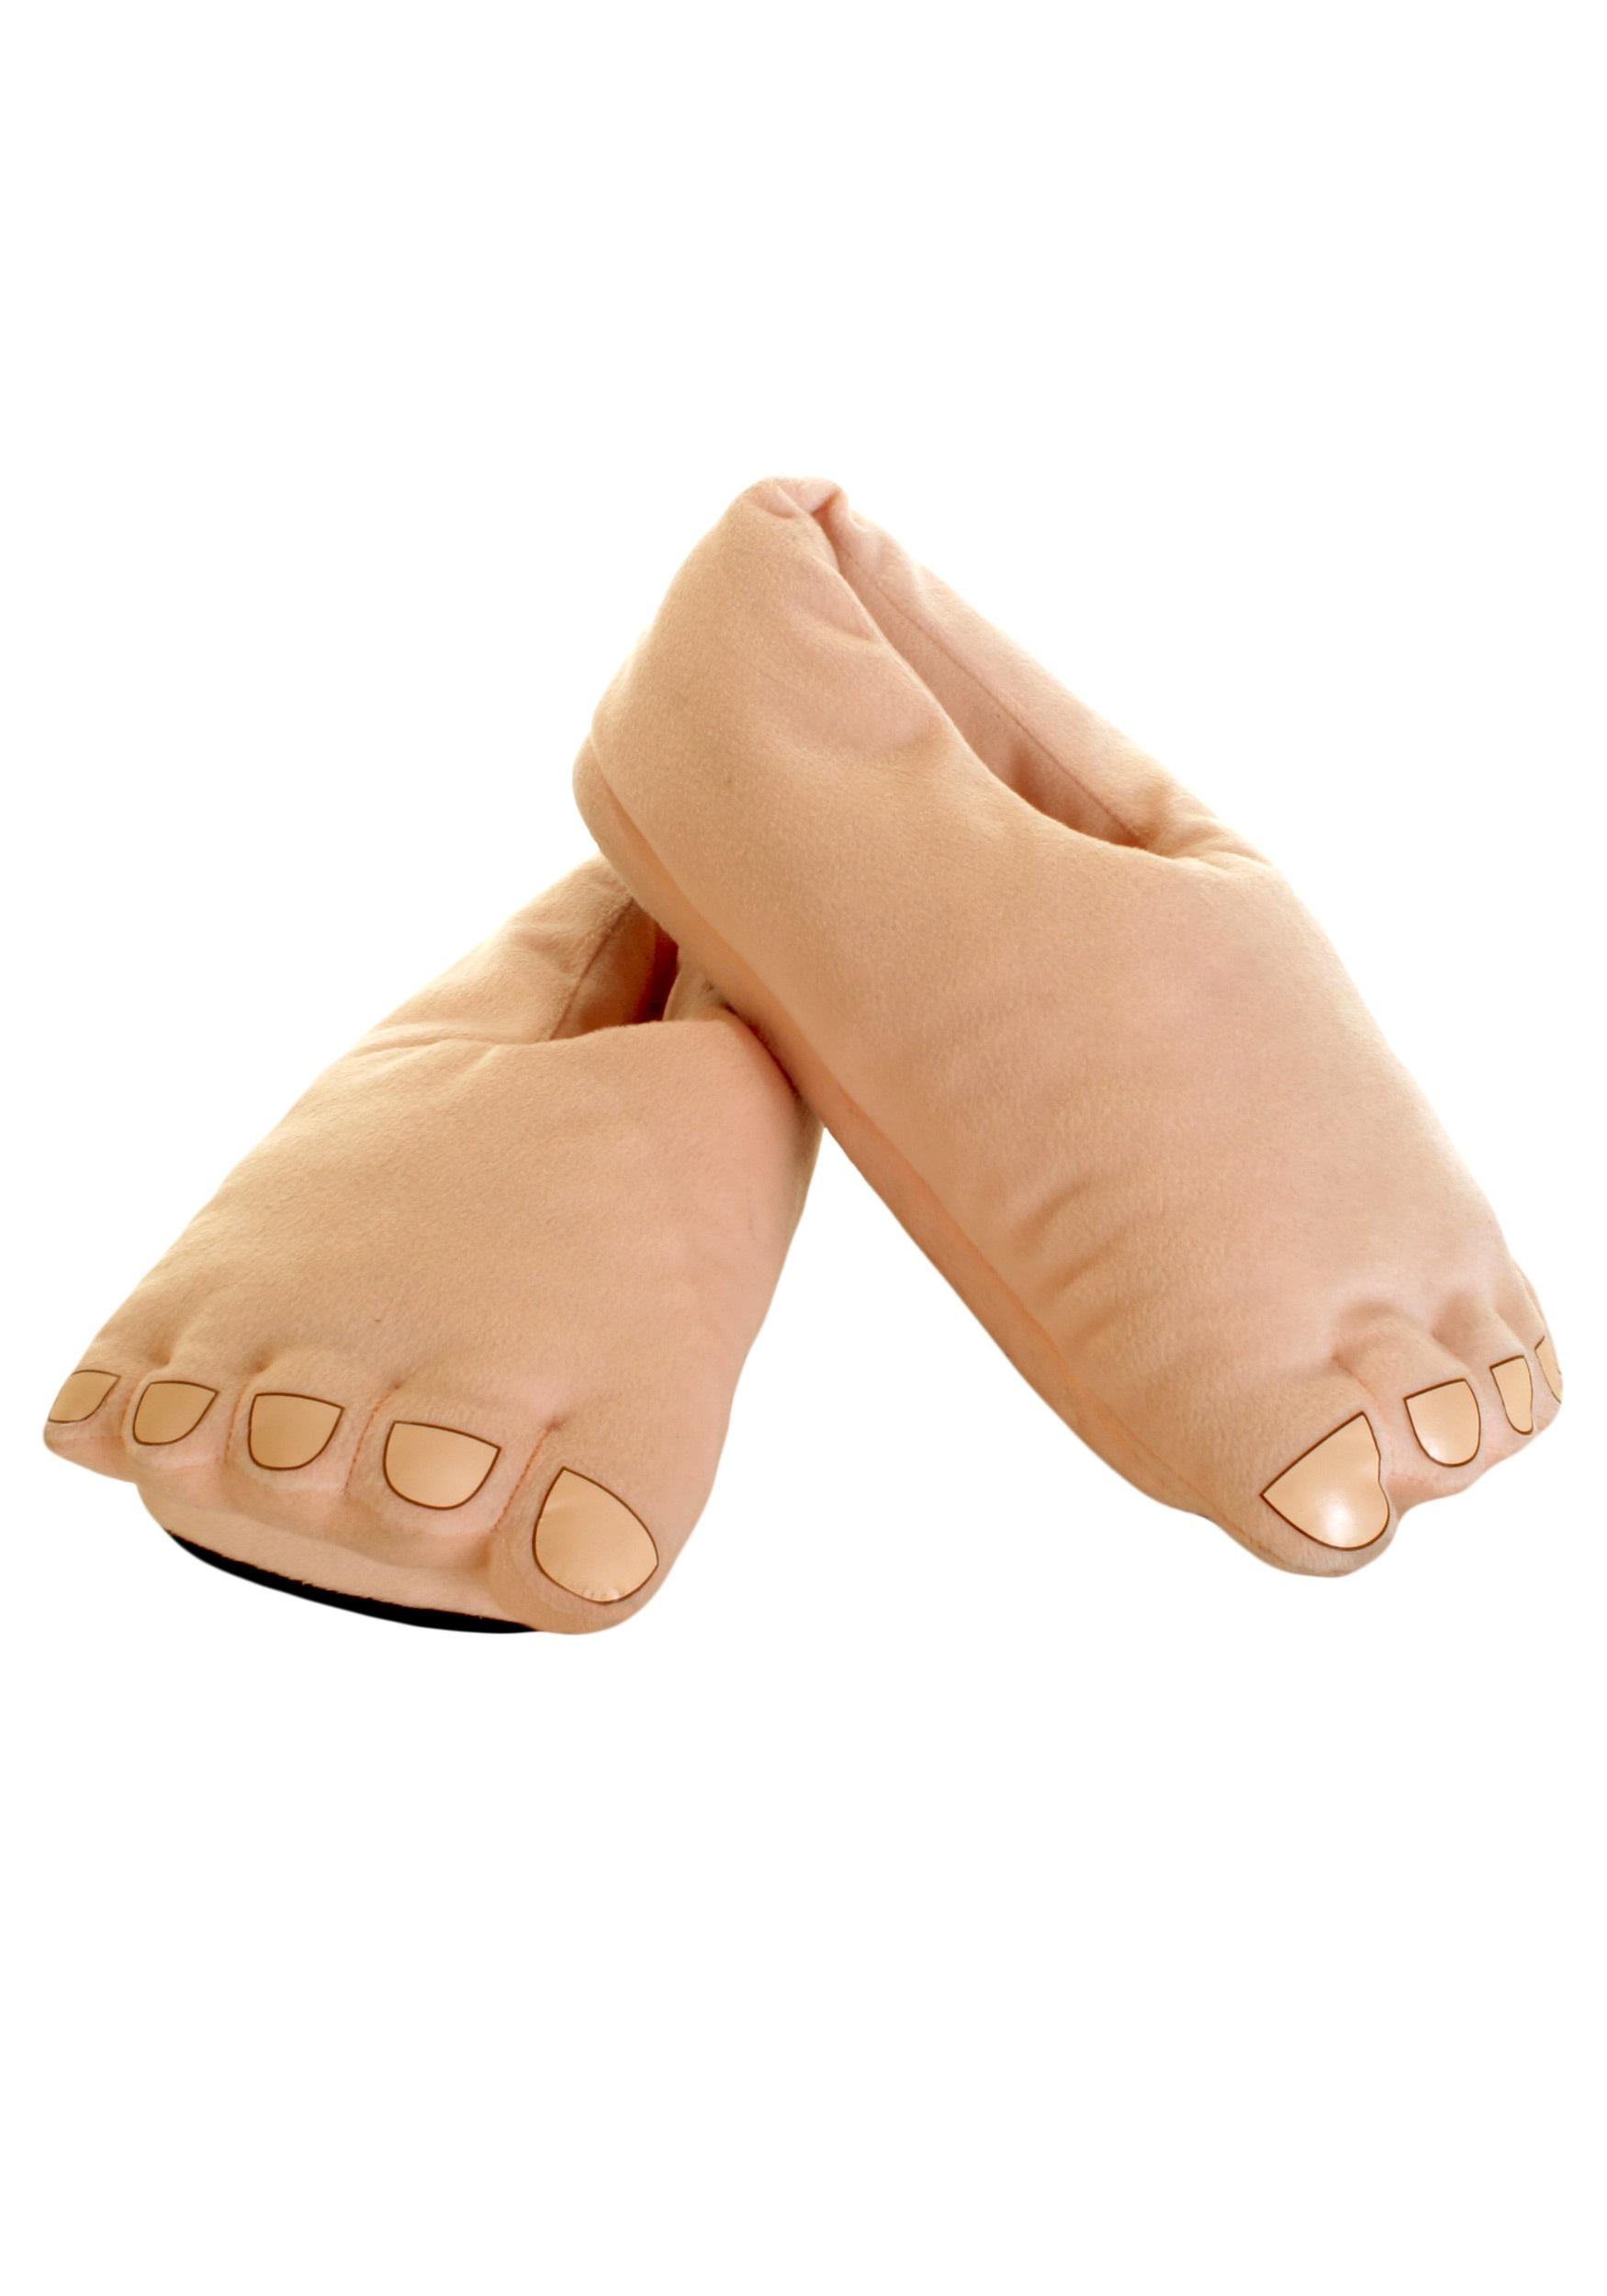 Mens Caveman Feet